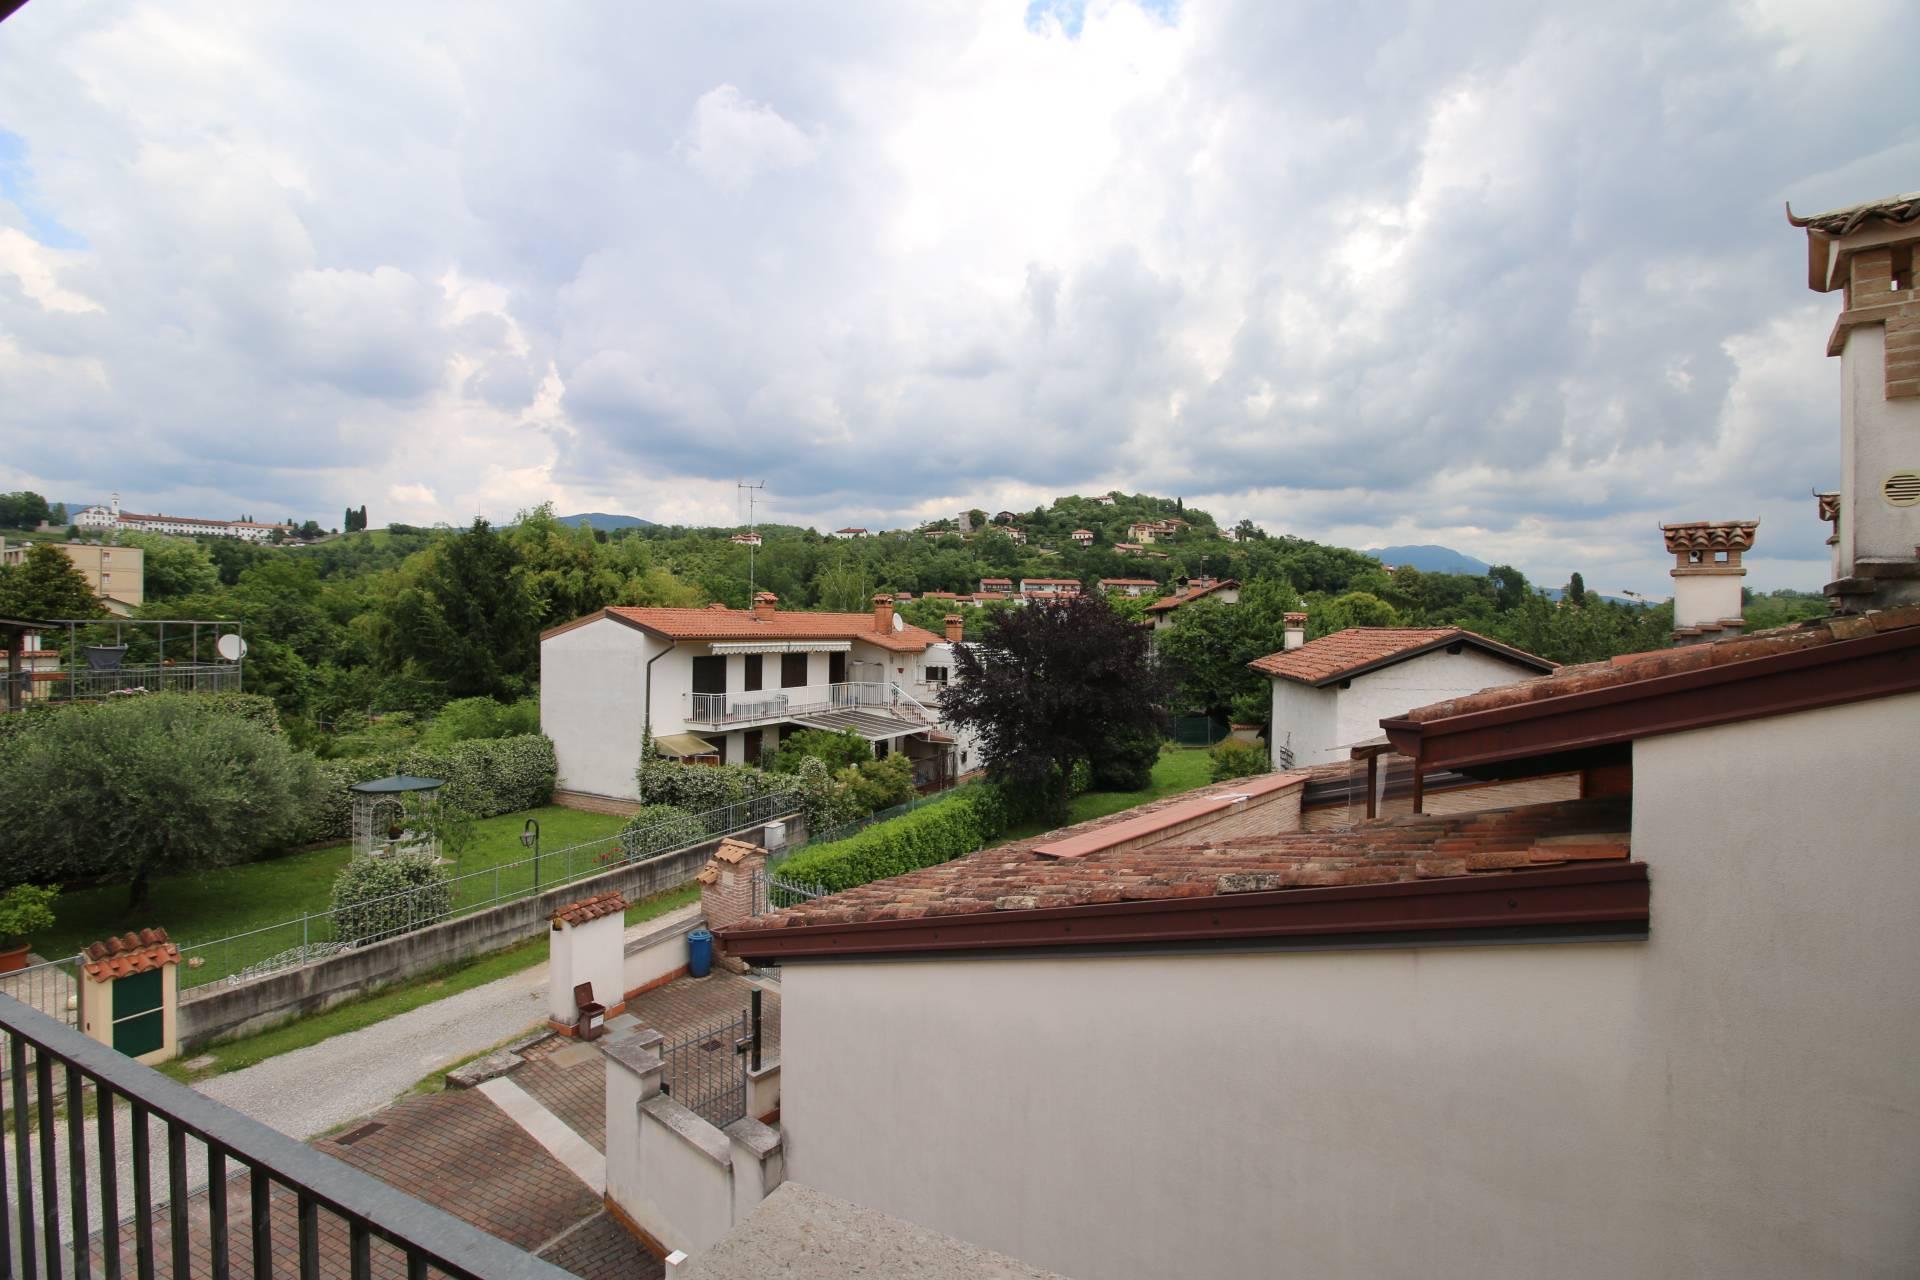 Appartamento in vendita a Gorizia, 3 locali, zona Località: Montesanto, prezzo € 86.000 | CambioCasa.it